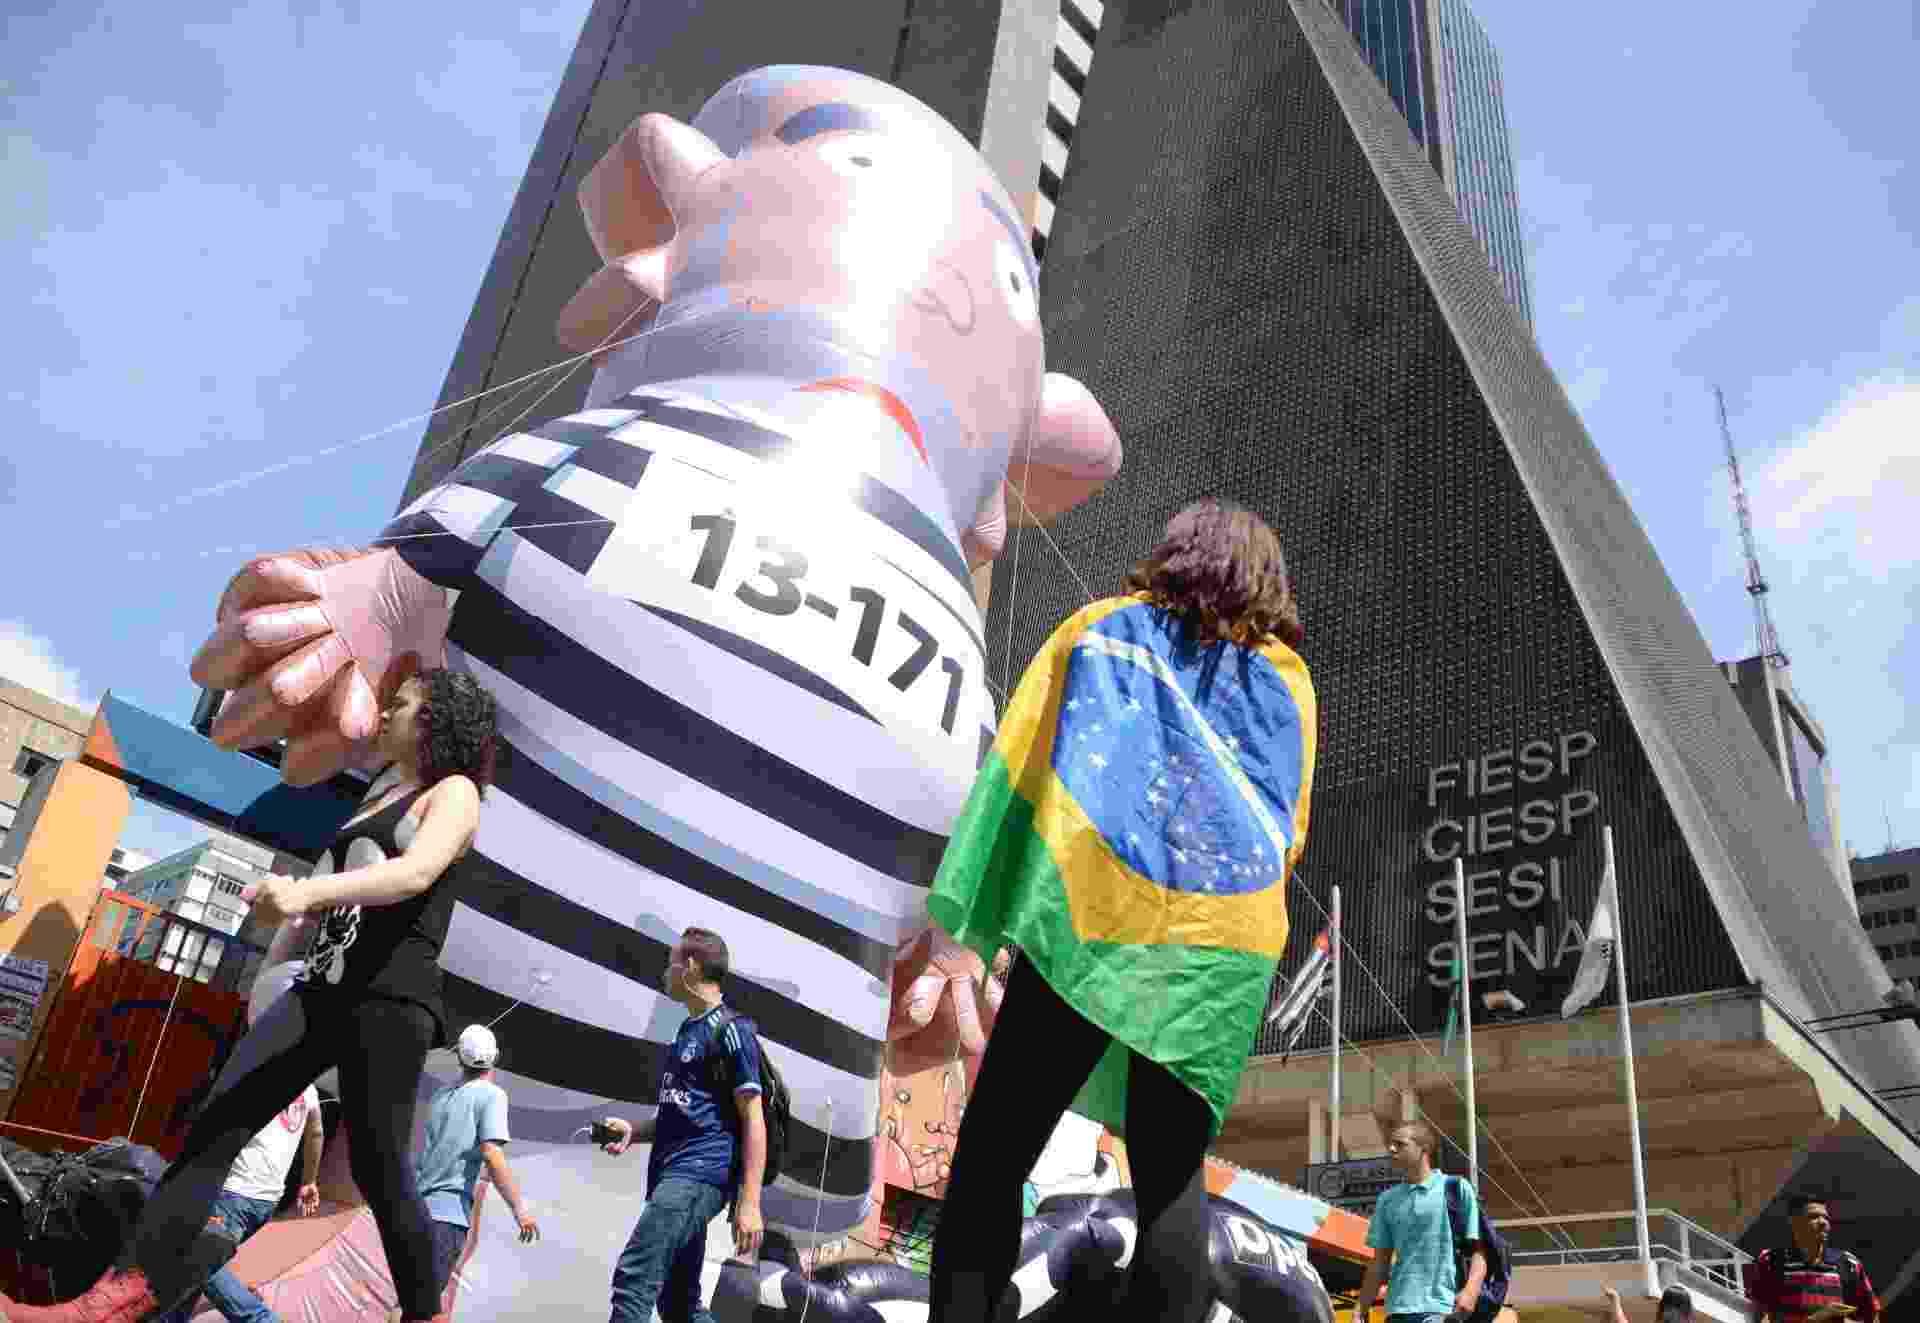 21.mar.2016 - Boneco de Lula volta a ser inflado nesta segunda-feira por manifestantes que estão acampados em frente ao prédio da Fiesp na avenida Paulista, em São Paulo, desde o último dia 16 - J. Duran Machfee/Futura Press/ Estadão Conteúdo